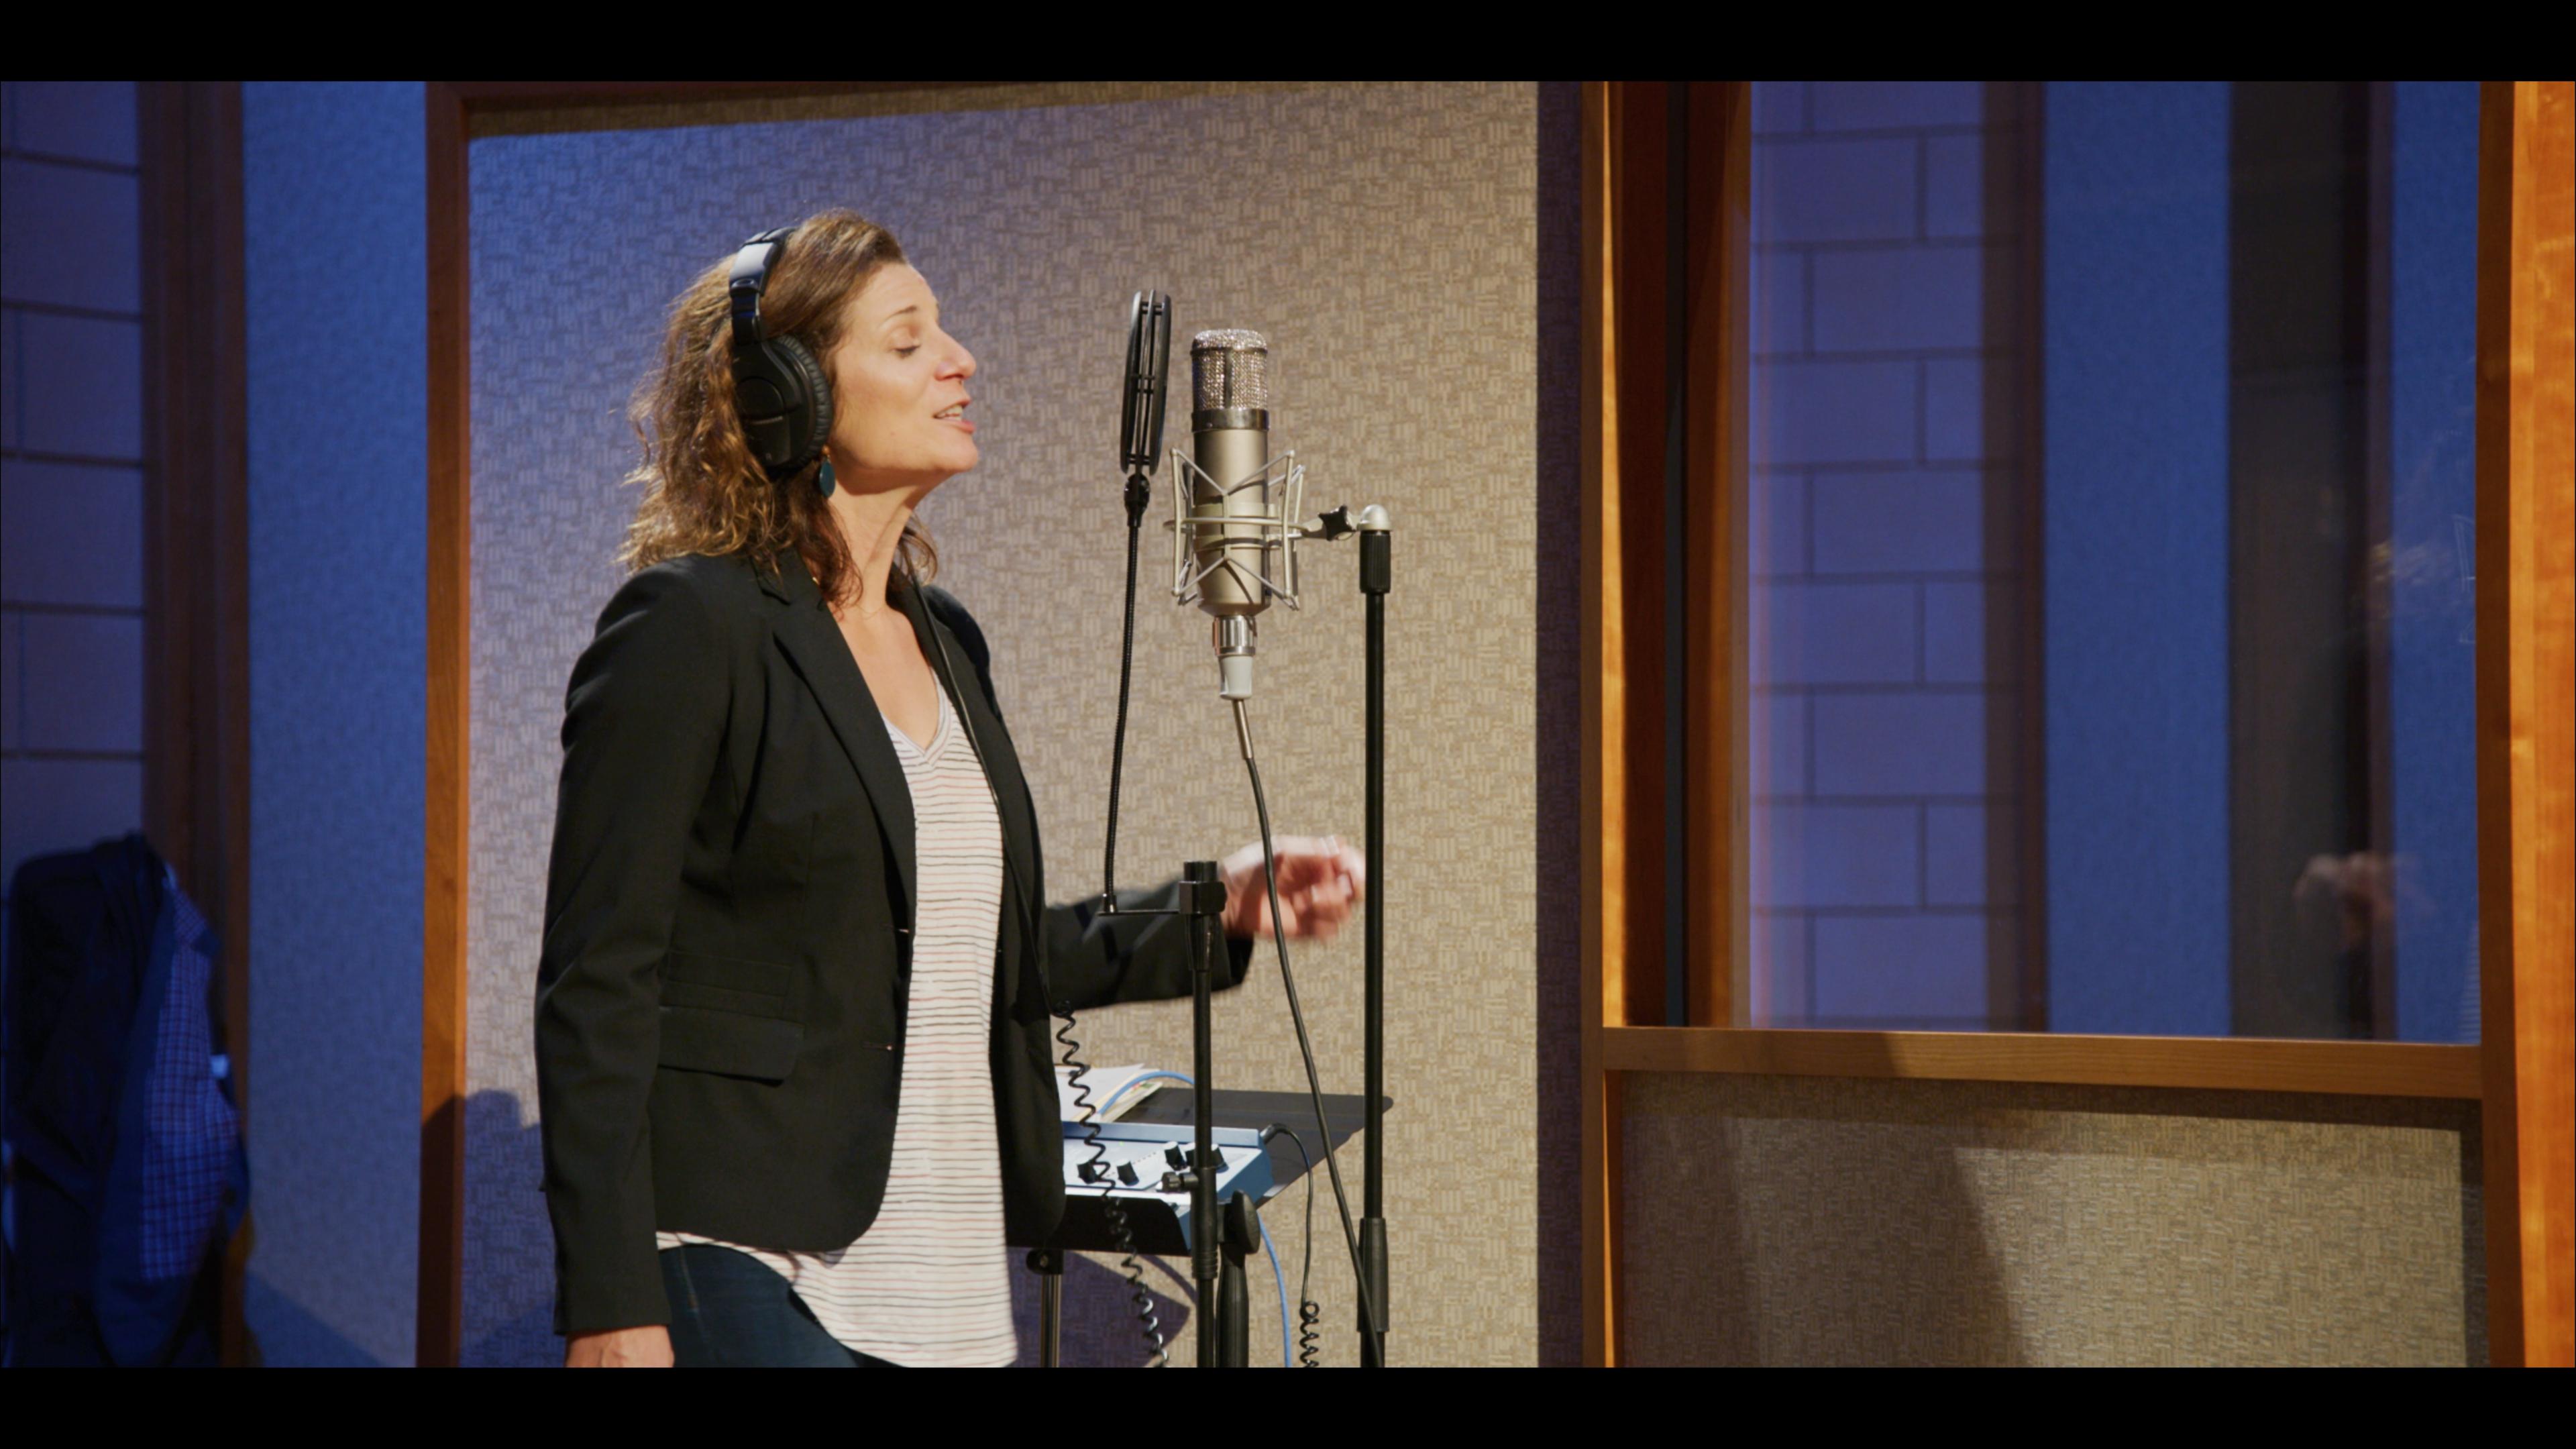 Pattie cuts vocals